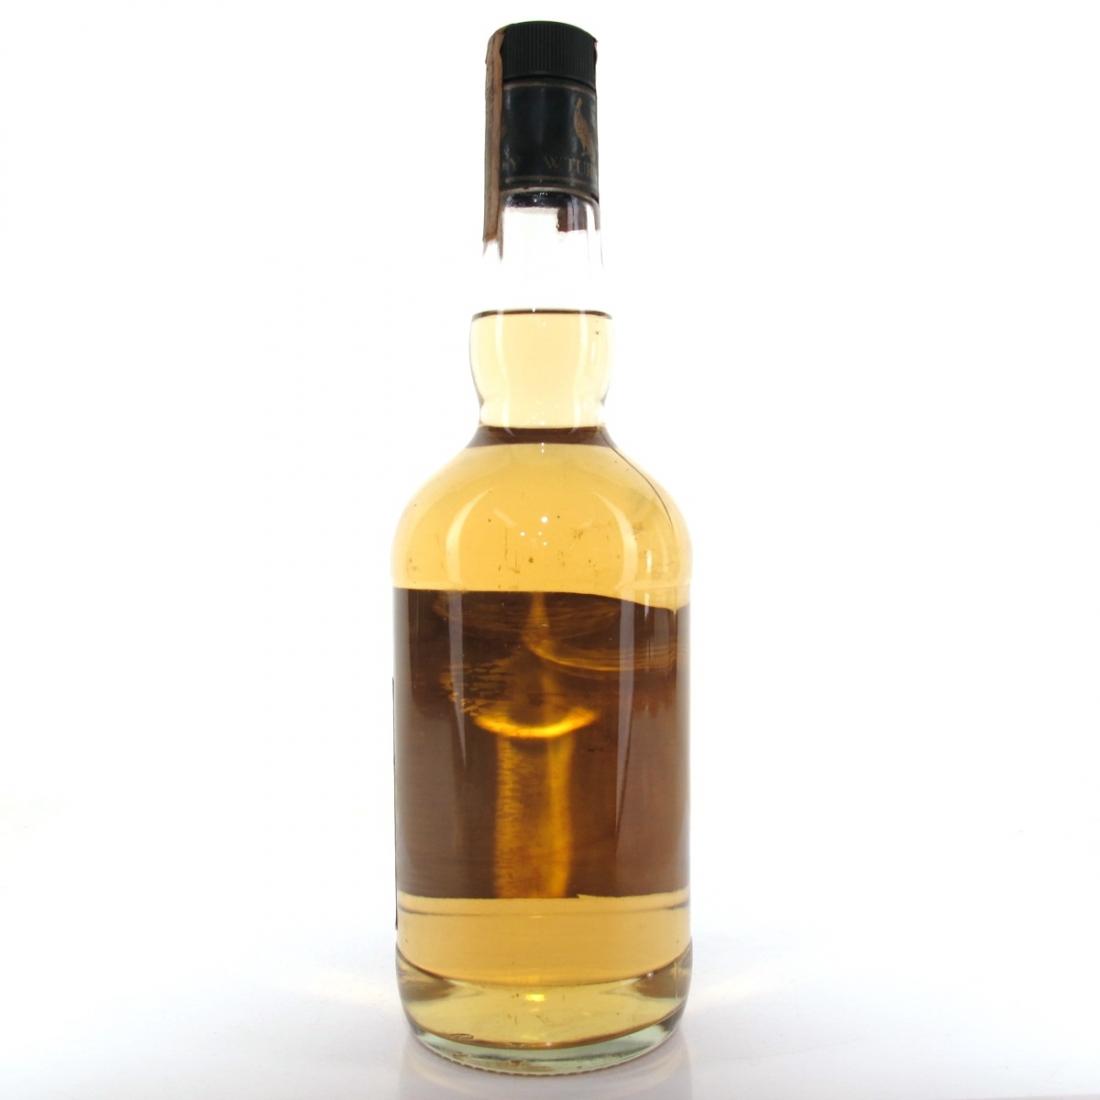 W. Turkey Blended Whisky 1980s